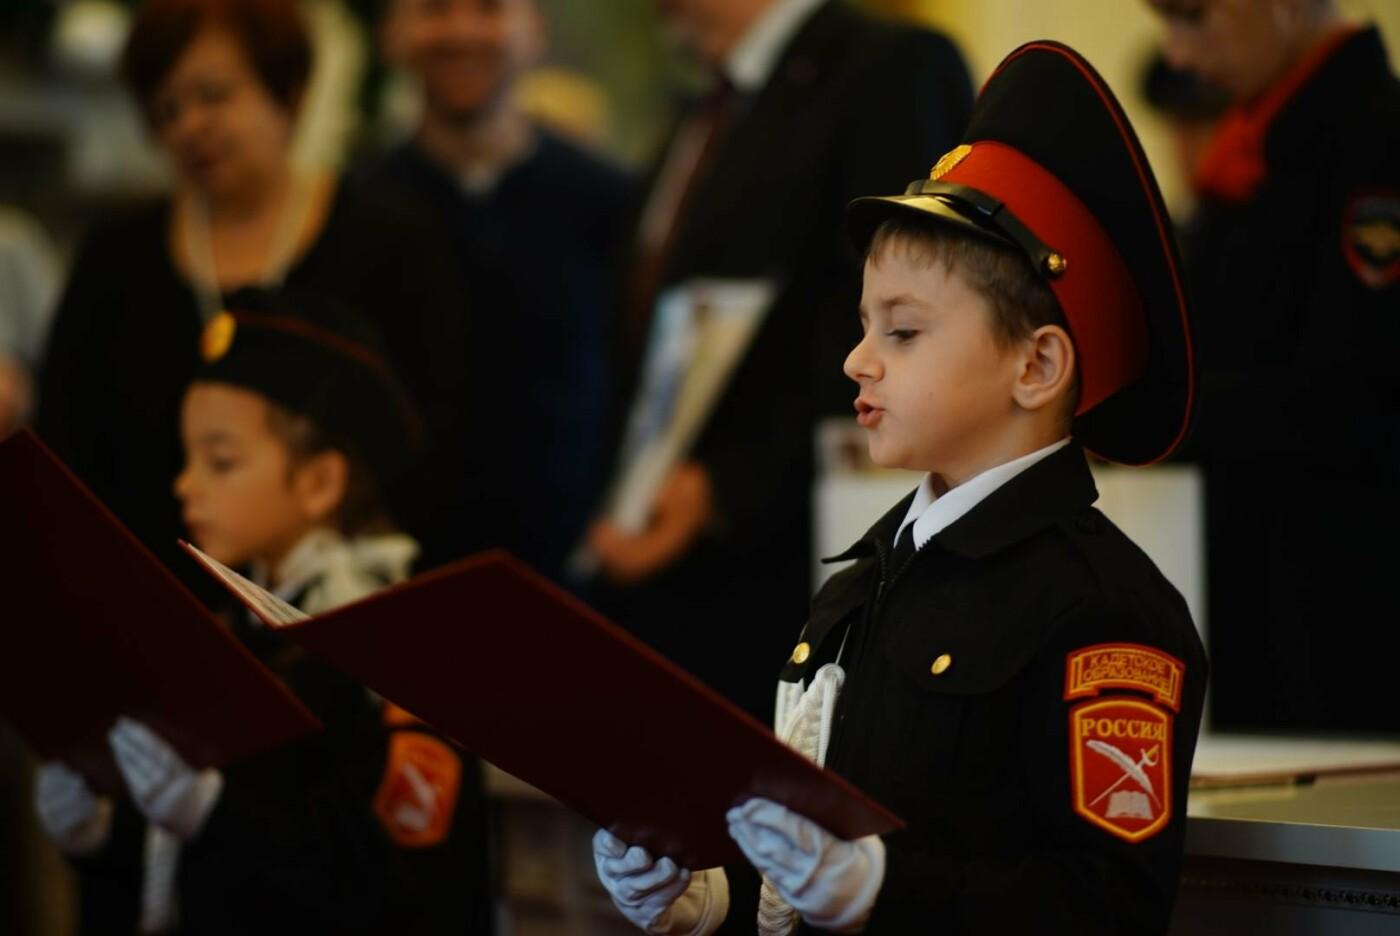 Юные кадеты Ялты примут присягу в Ливадийском дворце, фото-2